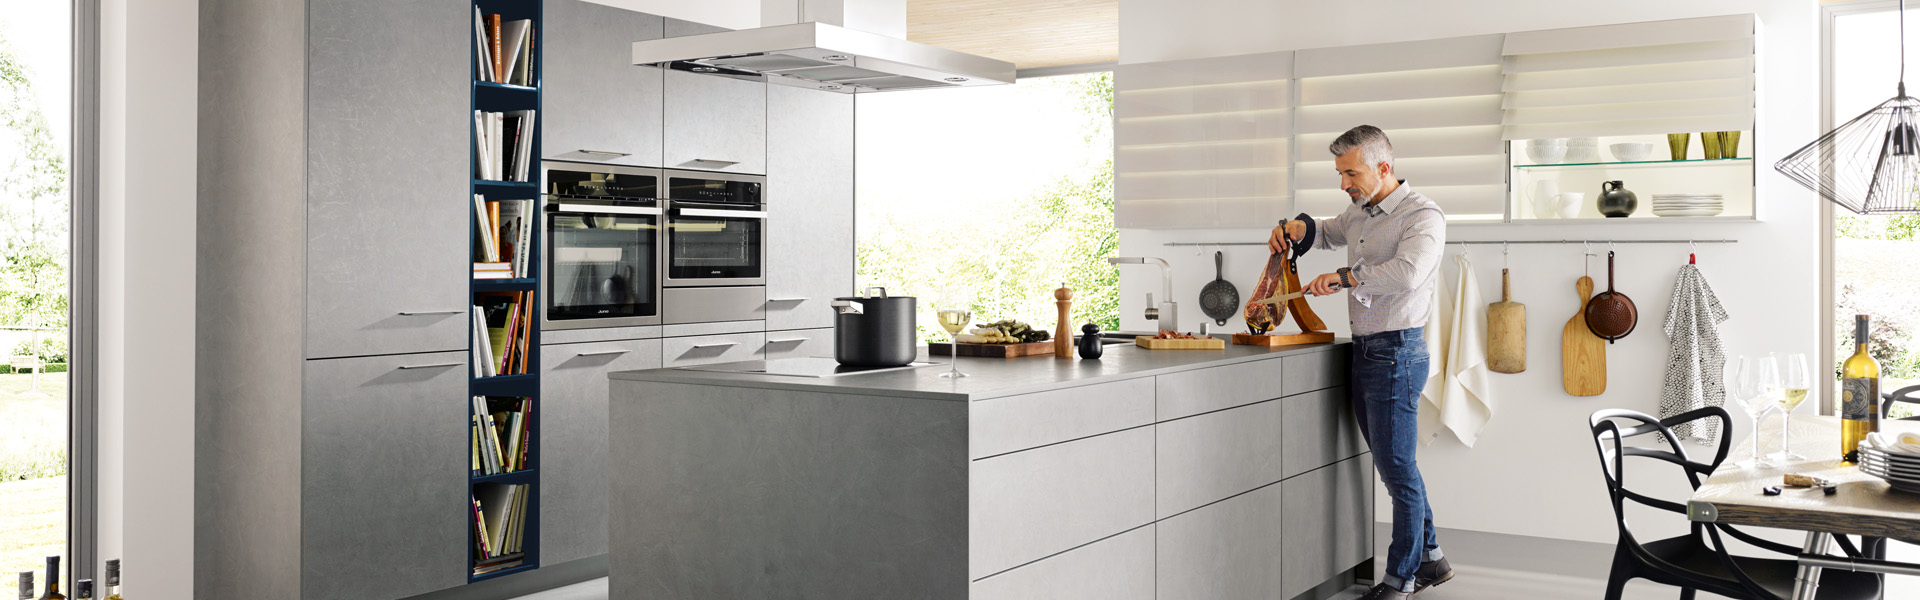 kchen bremerhaven latest so wird der neue zwischen kchen und polsterwelt aussehen foto. Black Bedroom Furniture Sets. Home Design Ideas